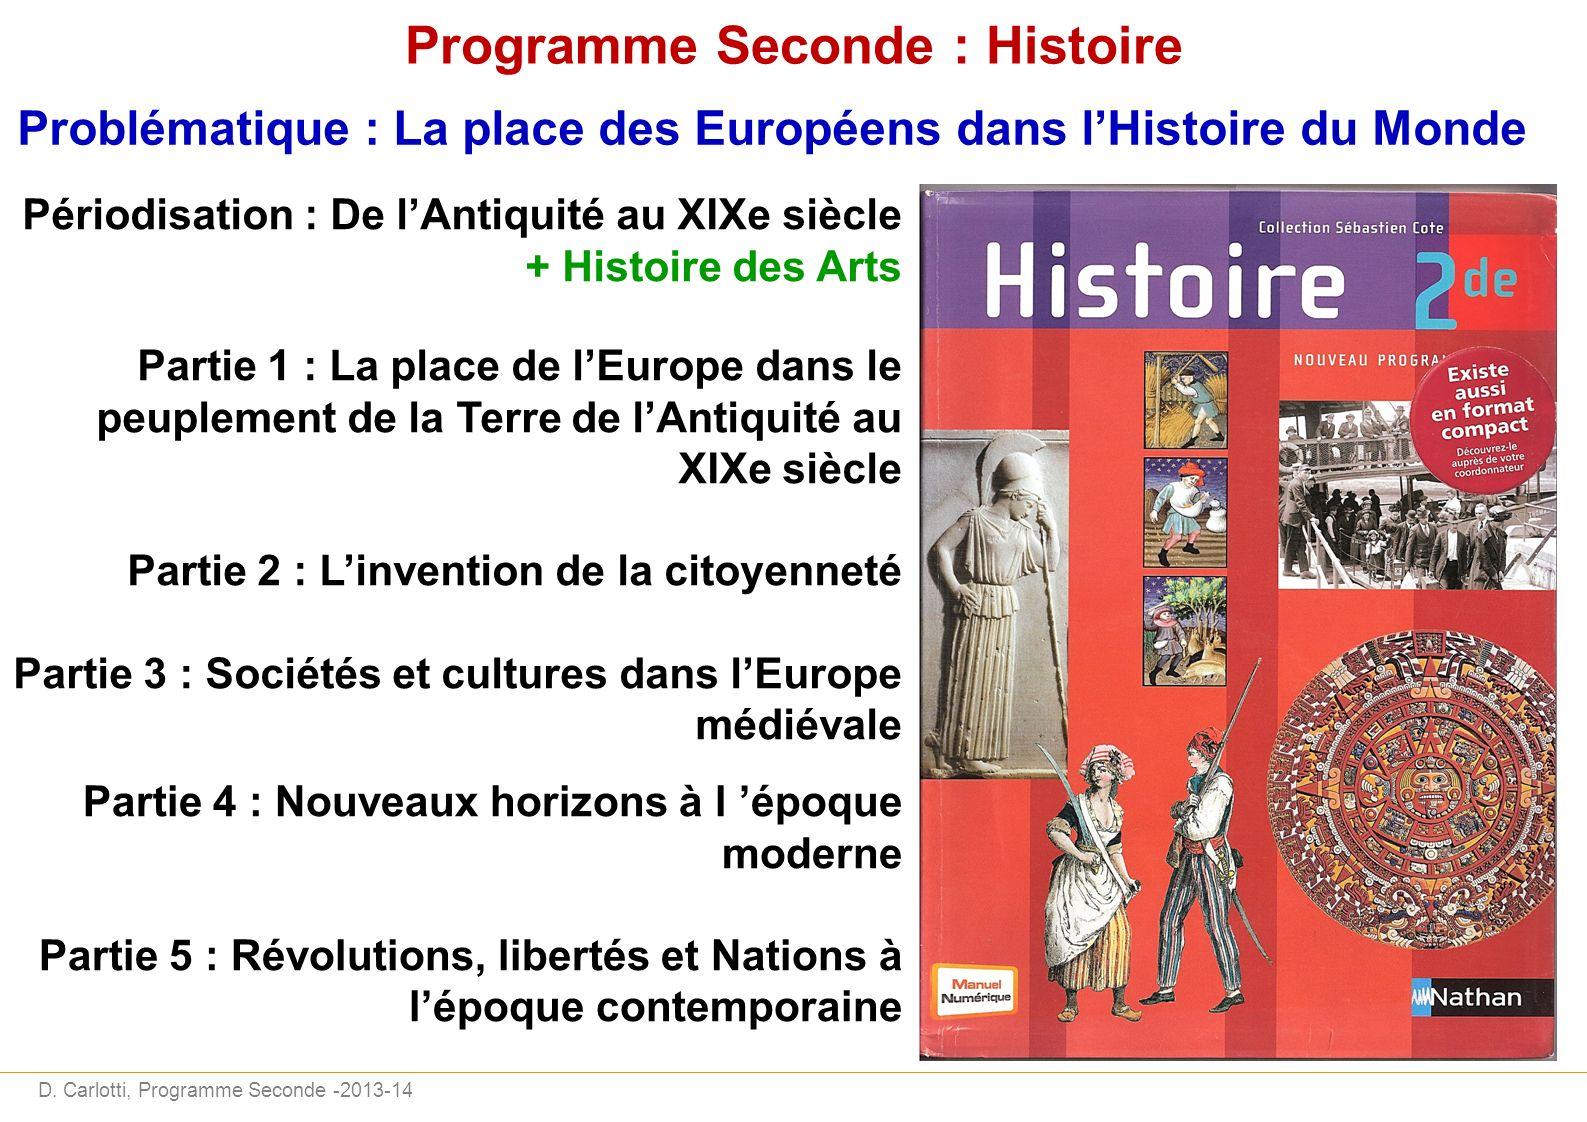 Histoire 2nde Livre de l'élève - Edition 2006 - broché ...